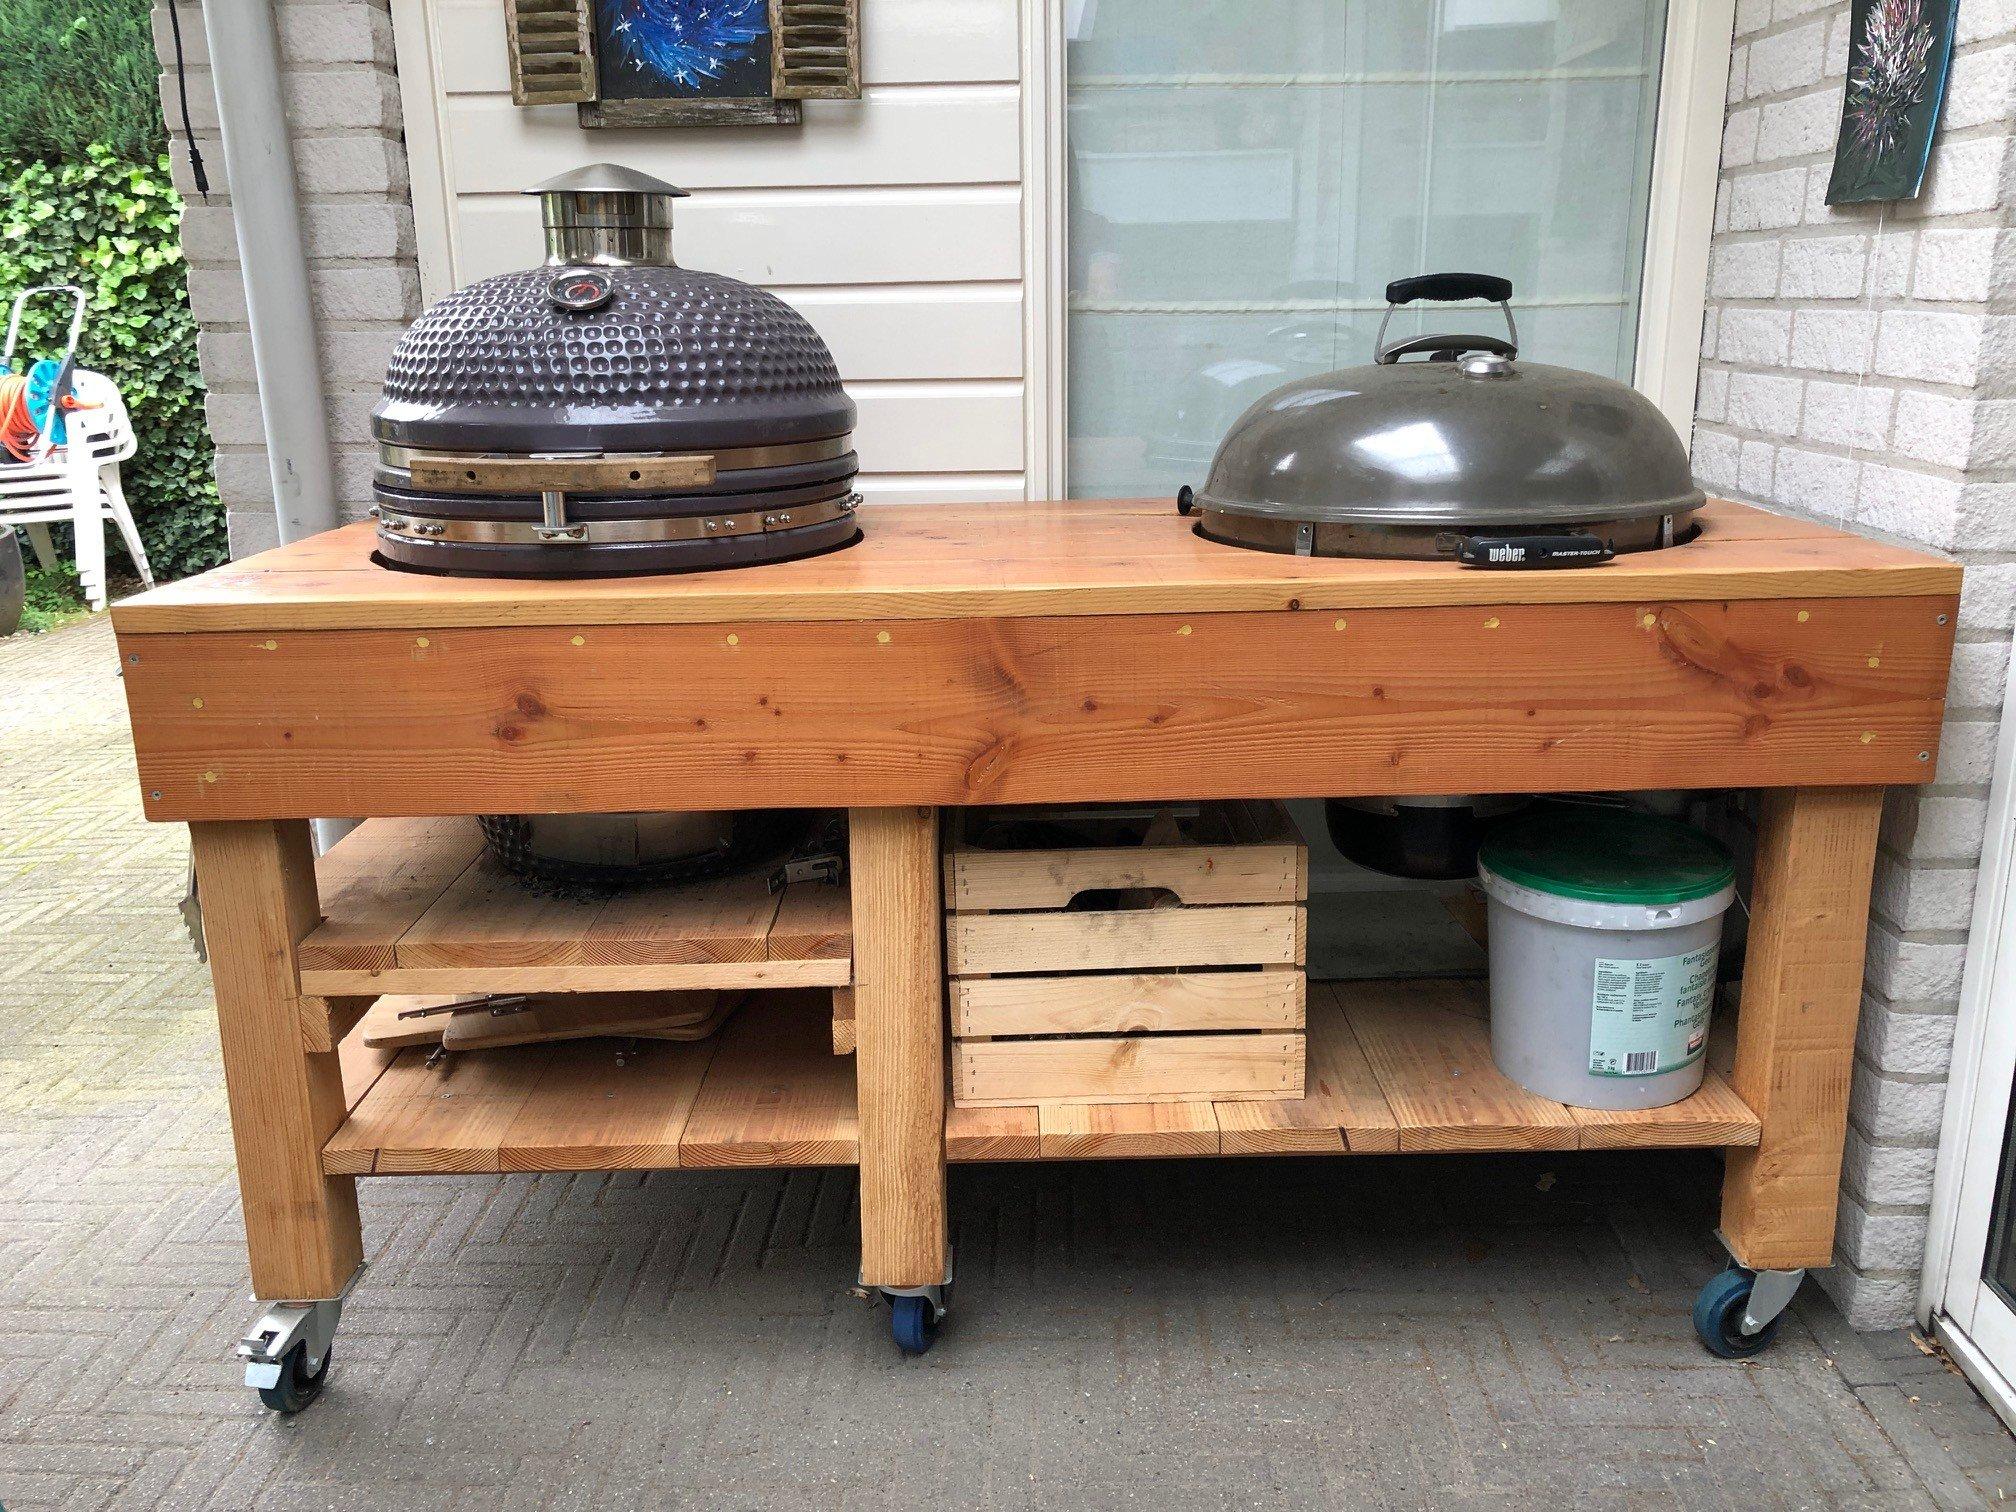 Full Size of Amerikanische Outdoor Küchen Kche Aus Holz Selber Bauen Inklusive Eingebautem Grill Amerikanisches Bett Regal Küche Kaufen Betten Edelstahl Wohnzimmer Amerikanische Outdoor Küchen